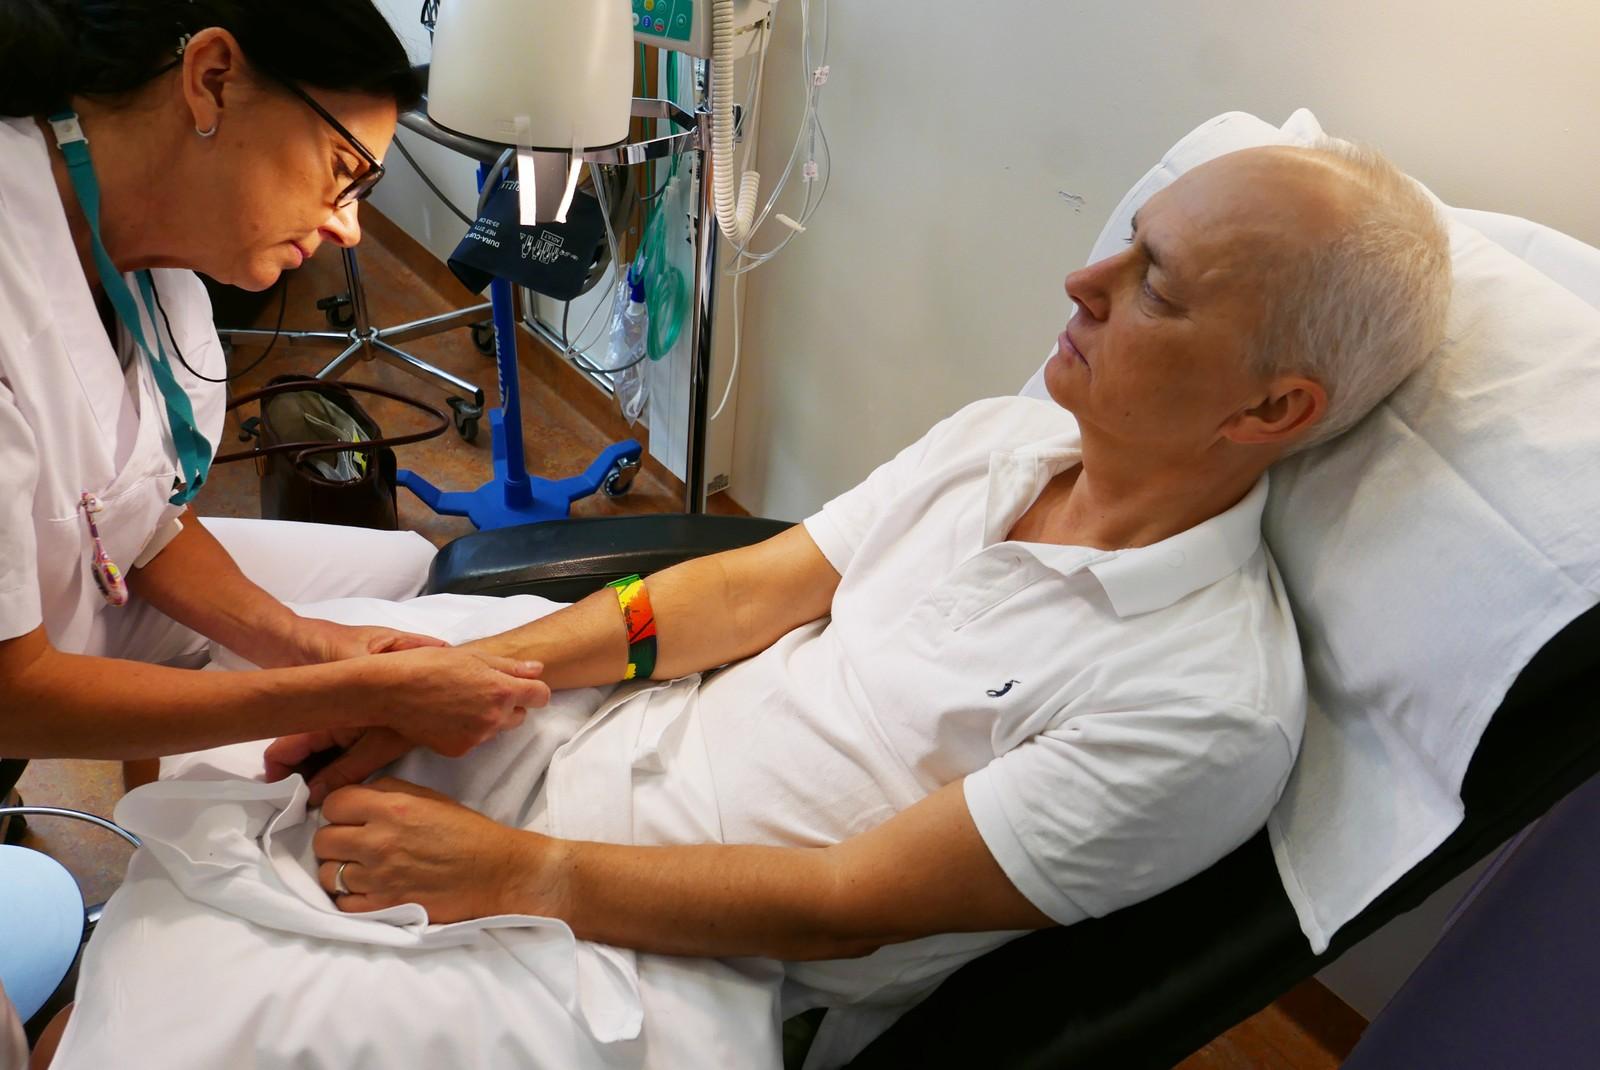 – Hvordan går det med neglene, spør kreftsykepleieren Rune. Noen pasienter får så plagsomme negleforandringer at man må ta pause i behandlingen. Neglene kan falle av, sprekke, i verste fall kan man få infeksjon.